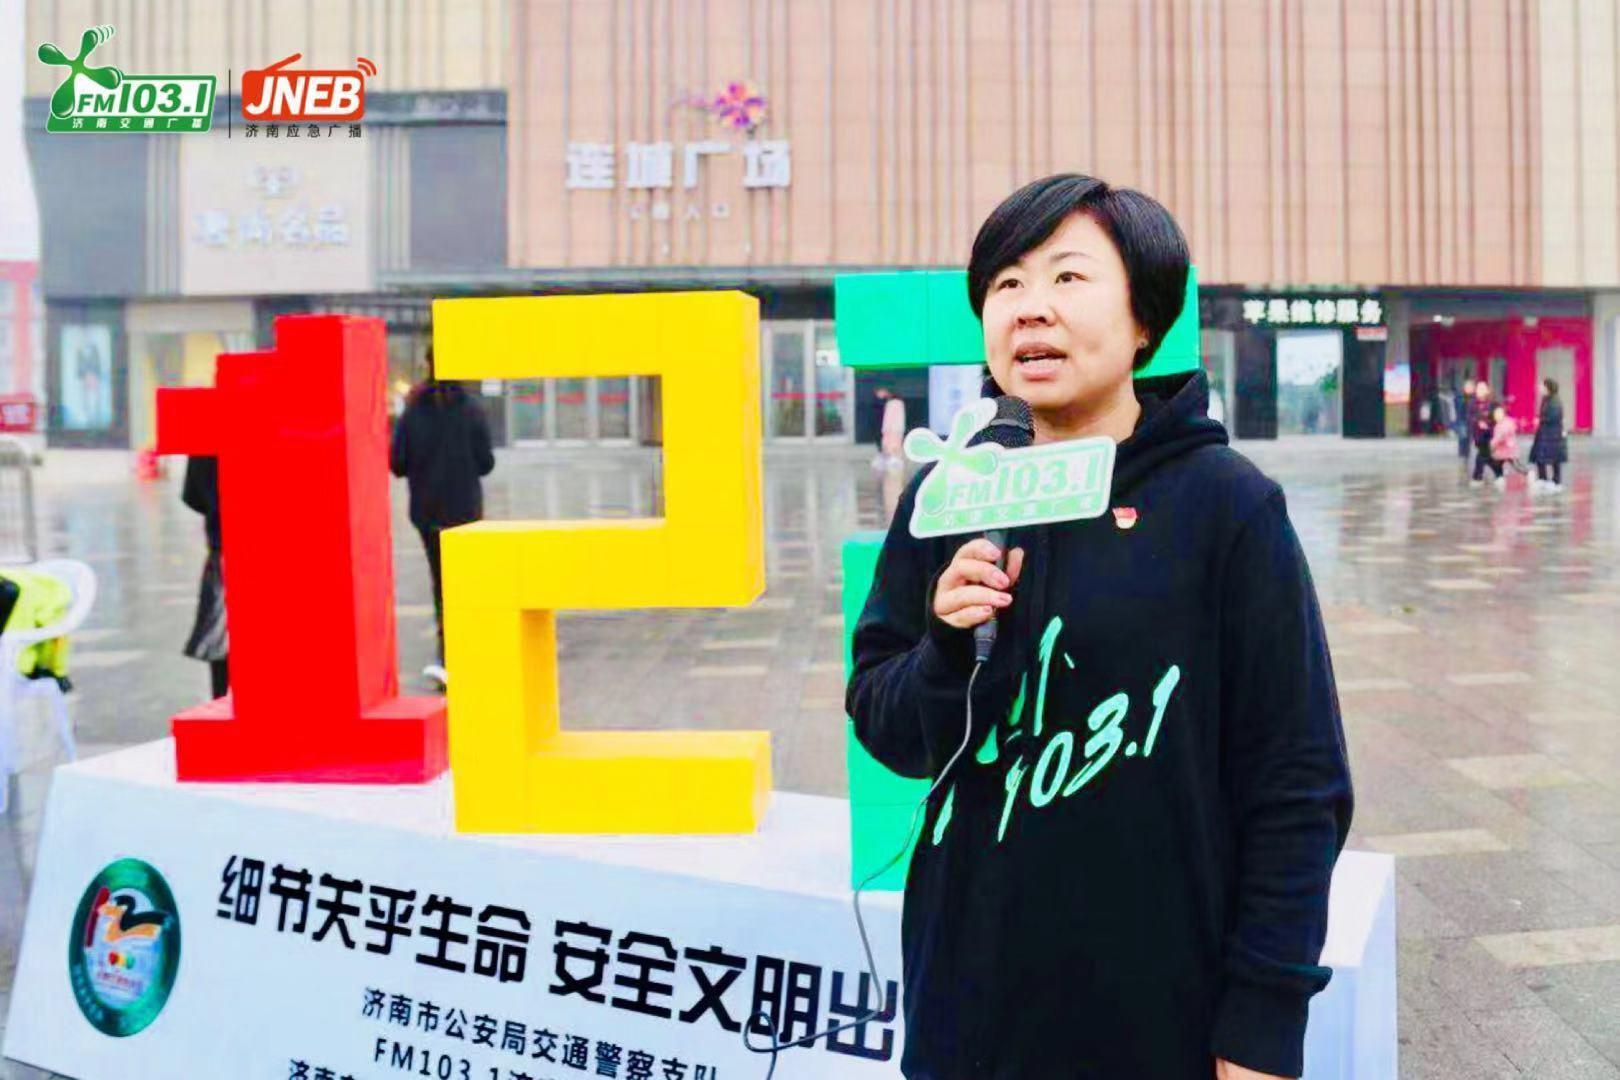 http://zhuanti.e23.cn/uploadfile/2019/0304/20190304114532545.jpg